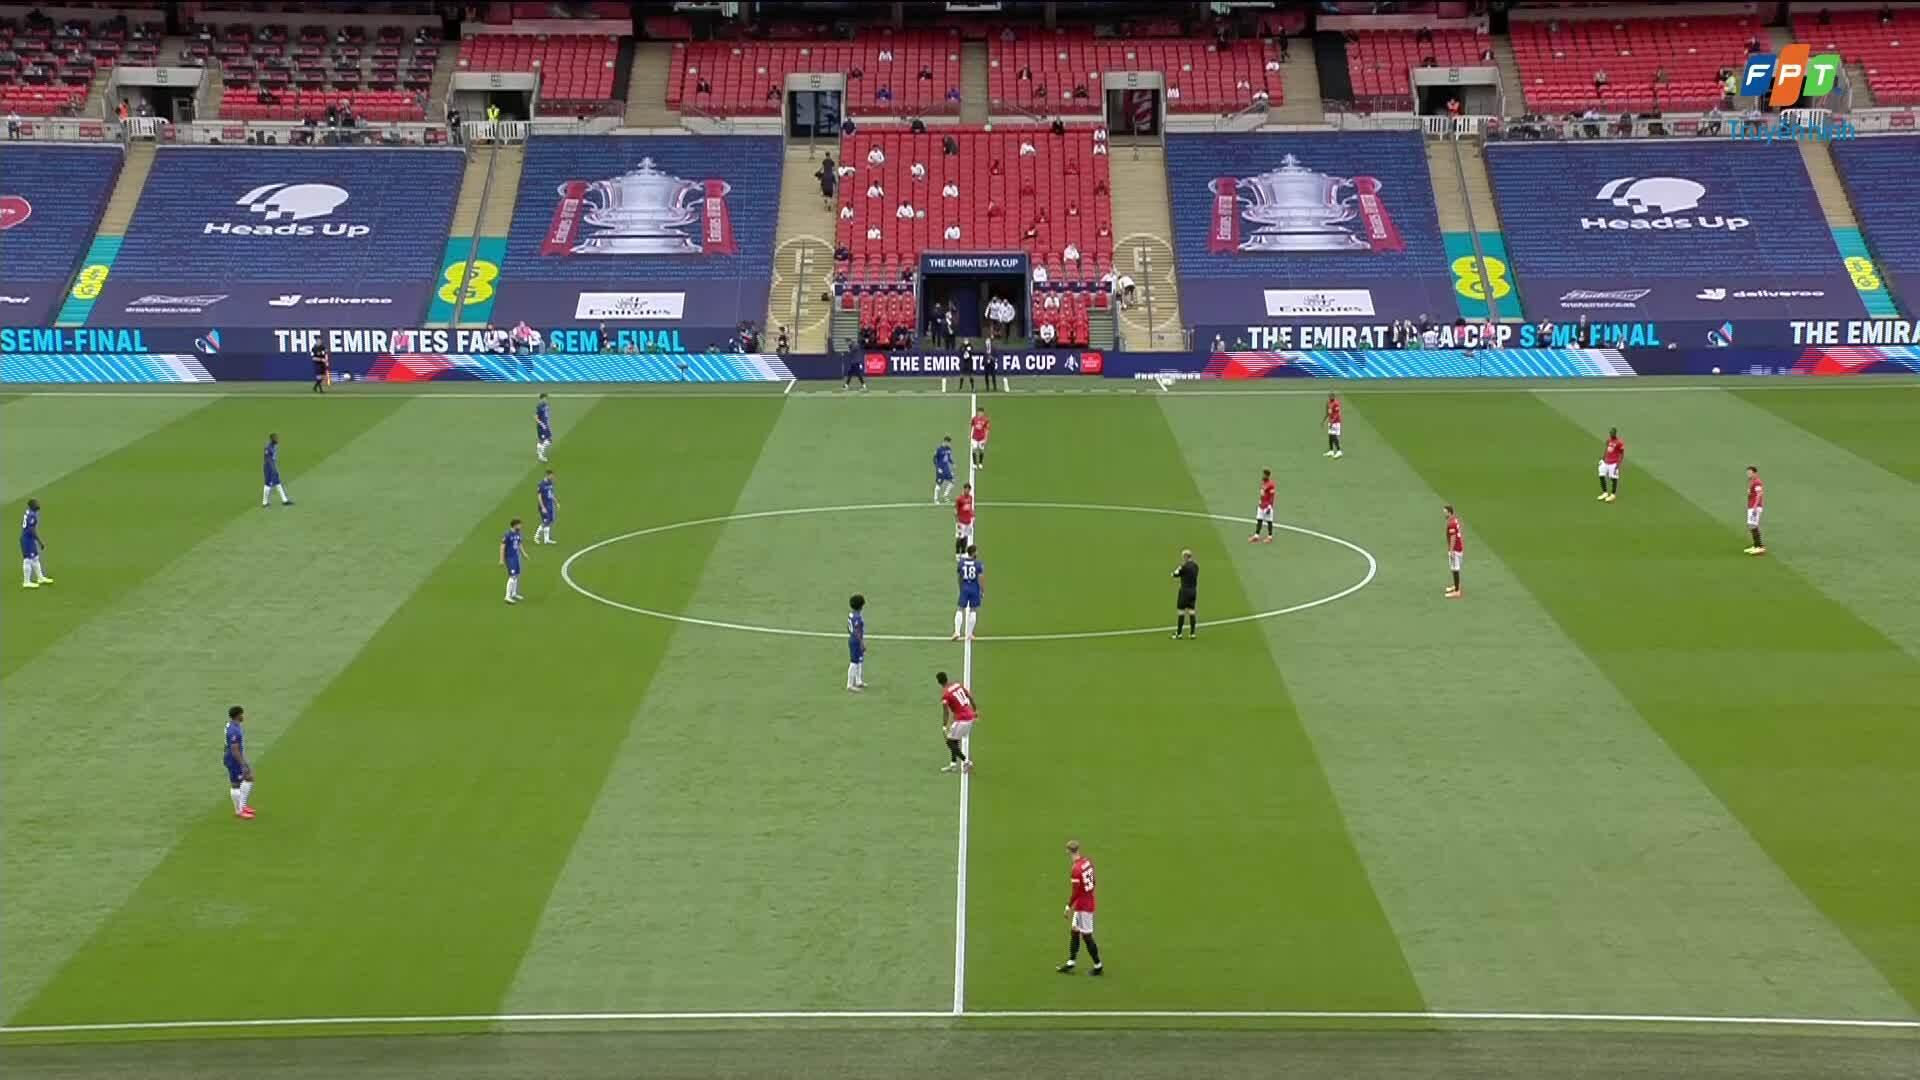 Man Utd 1-3 Chelsea